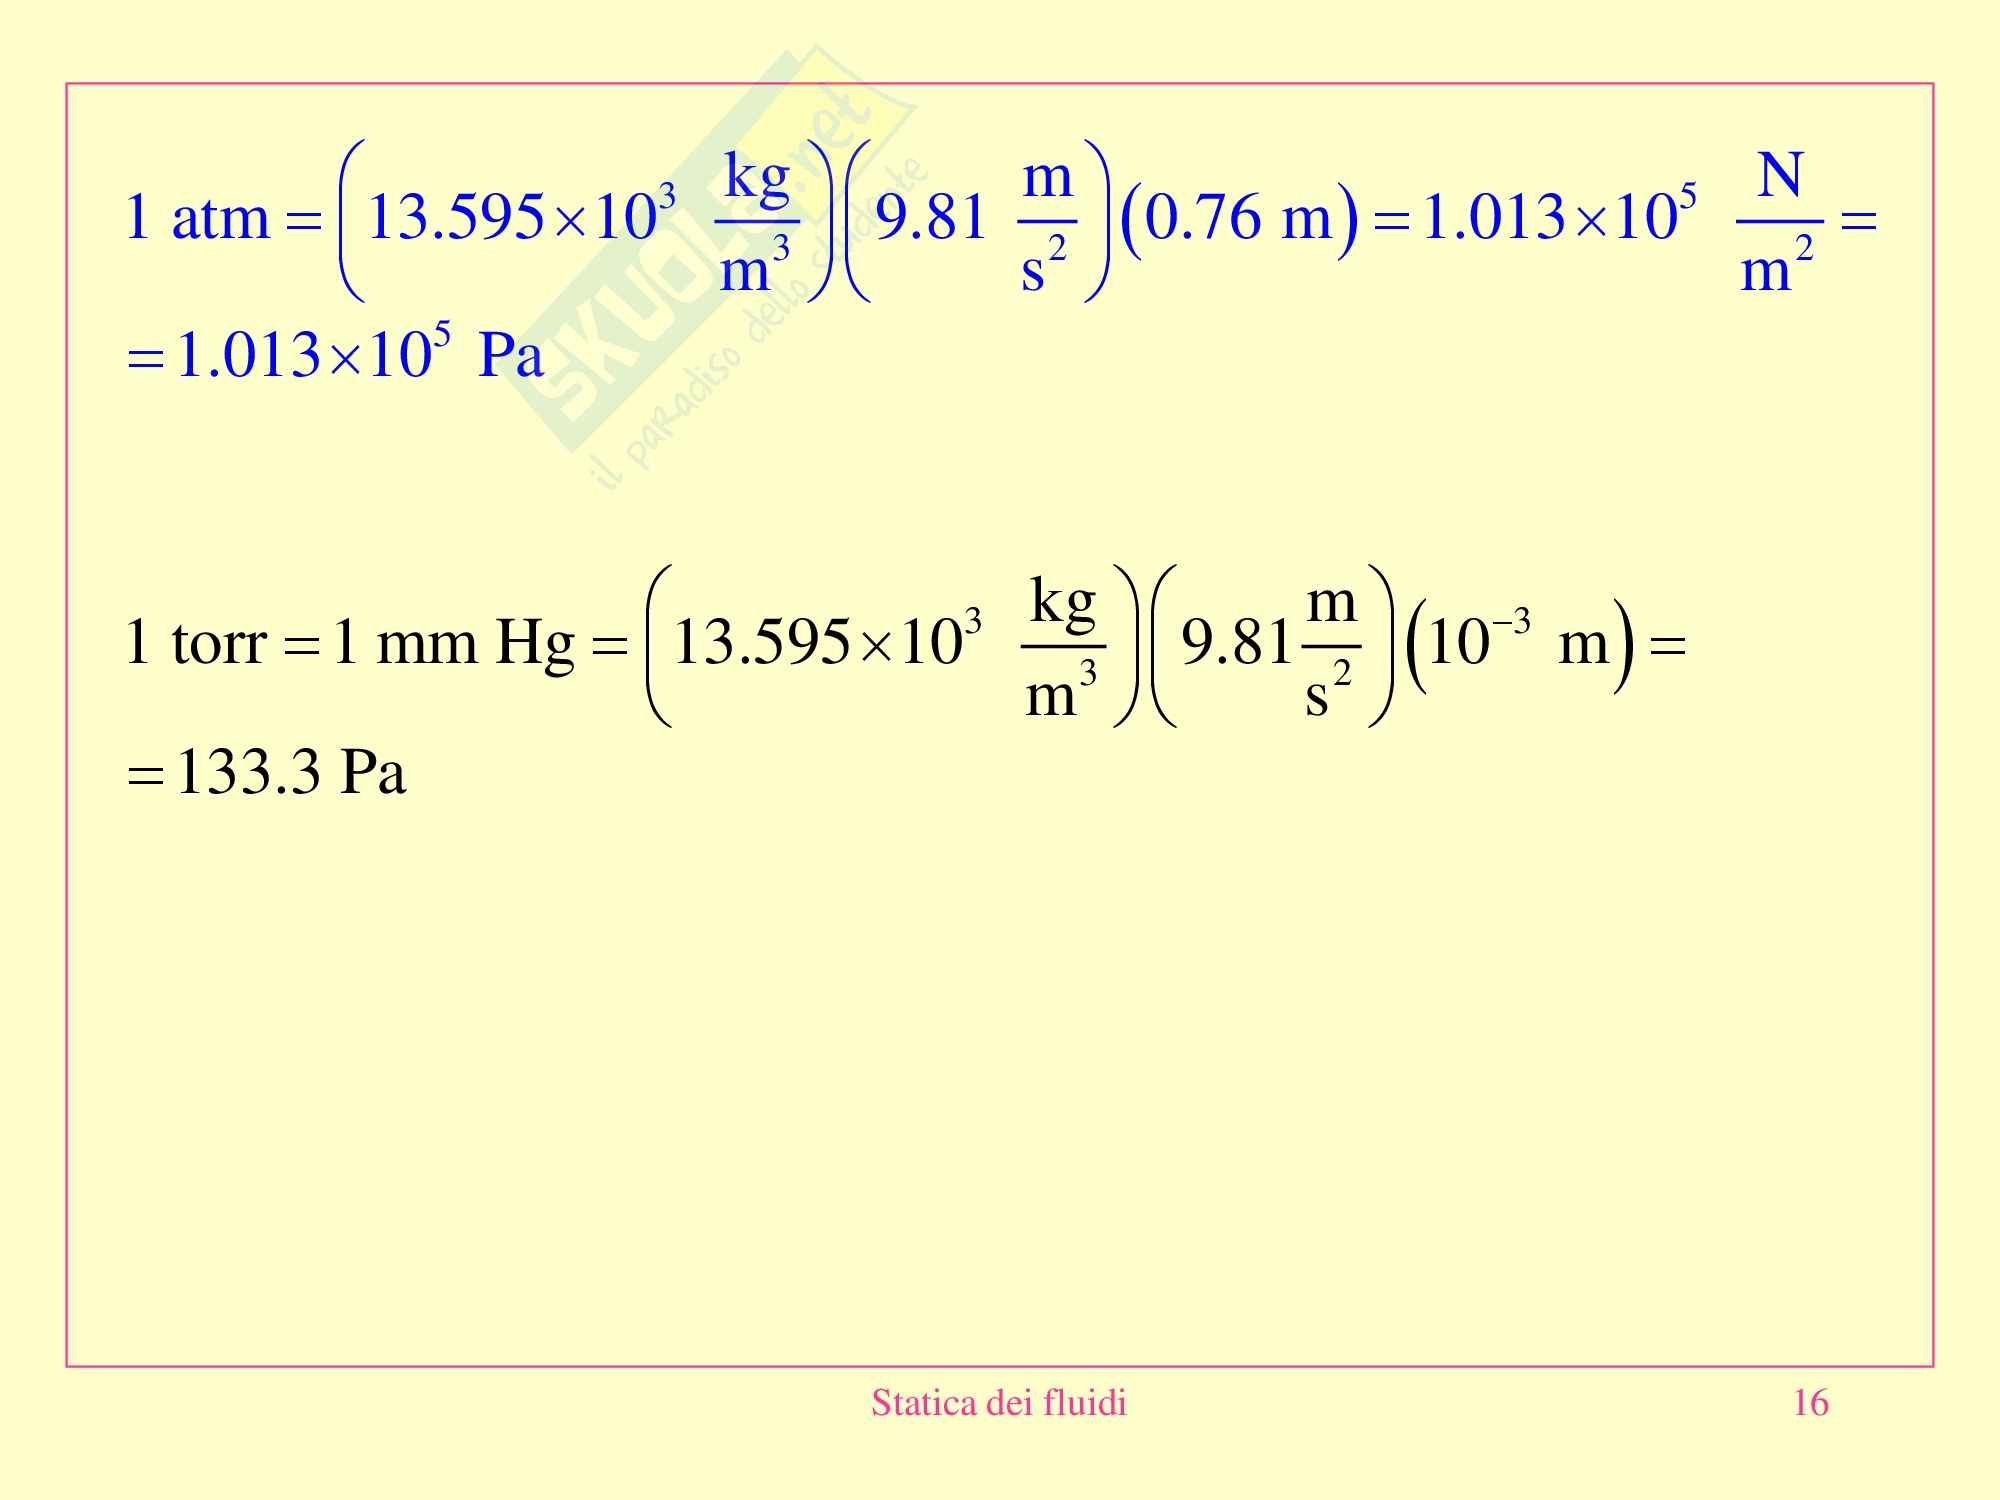 Fisica medica - statica dei fluidi Pag. 16